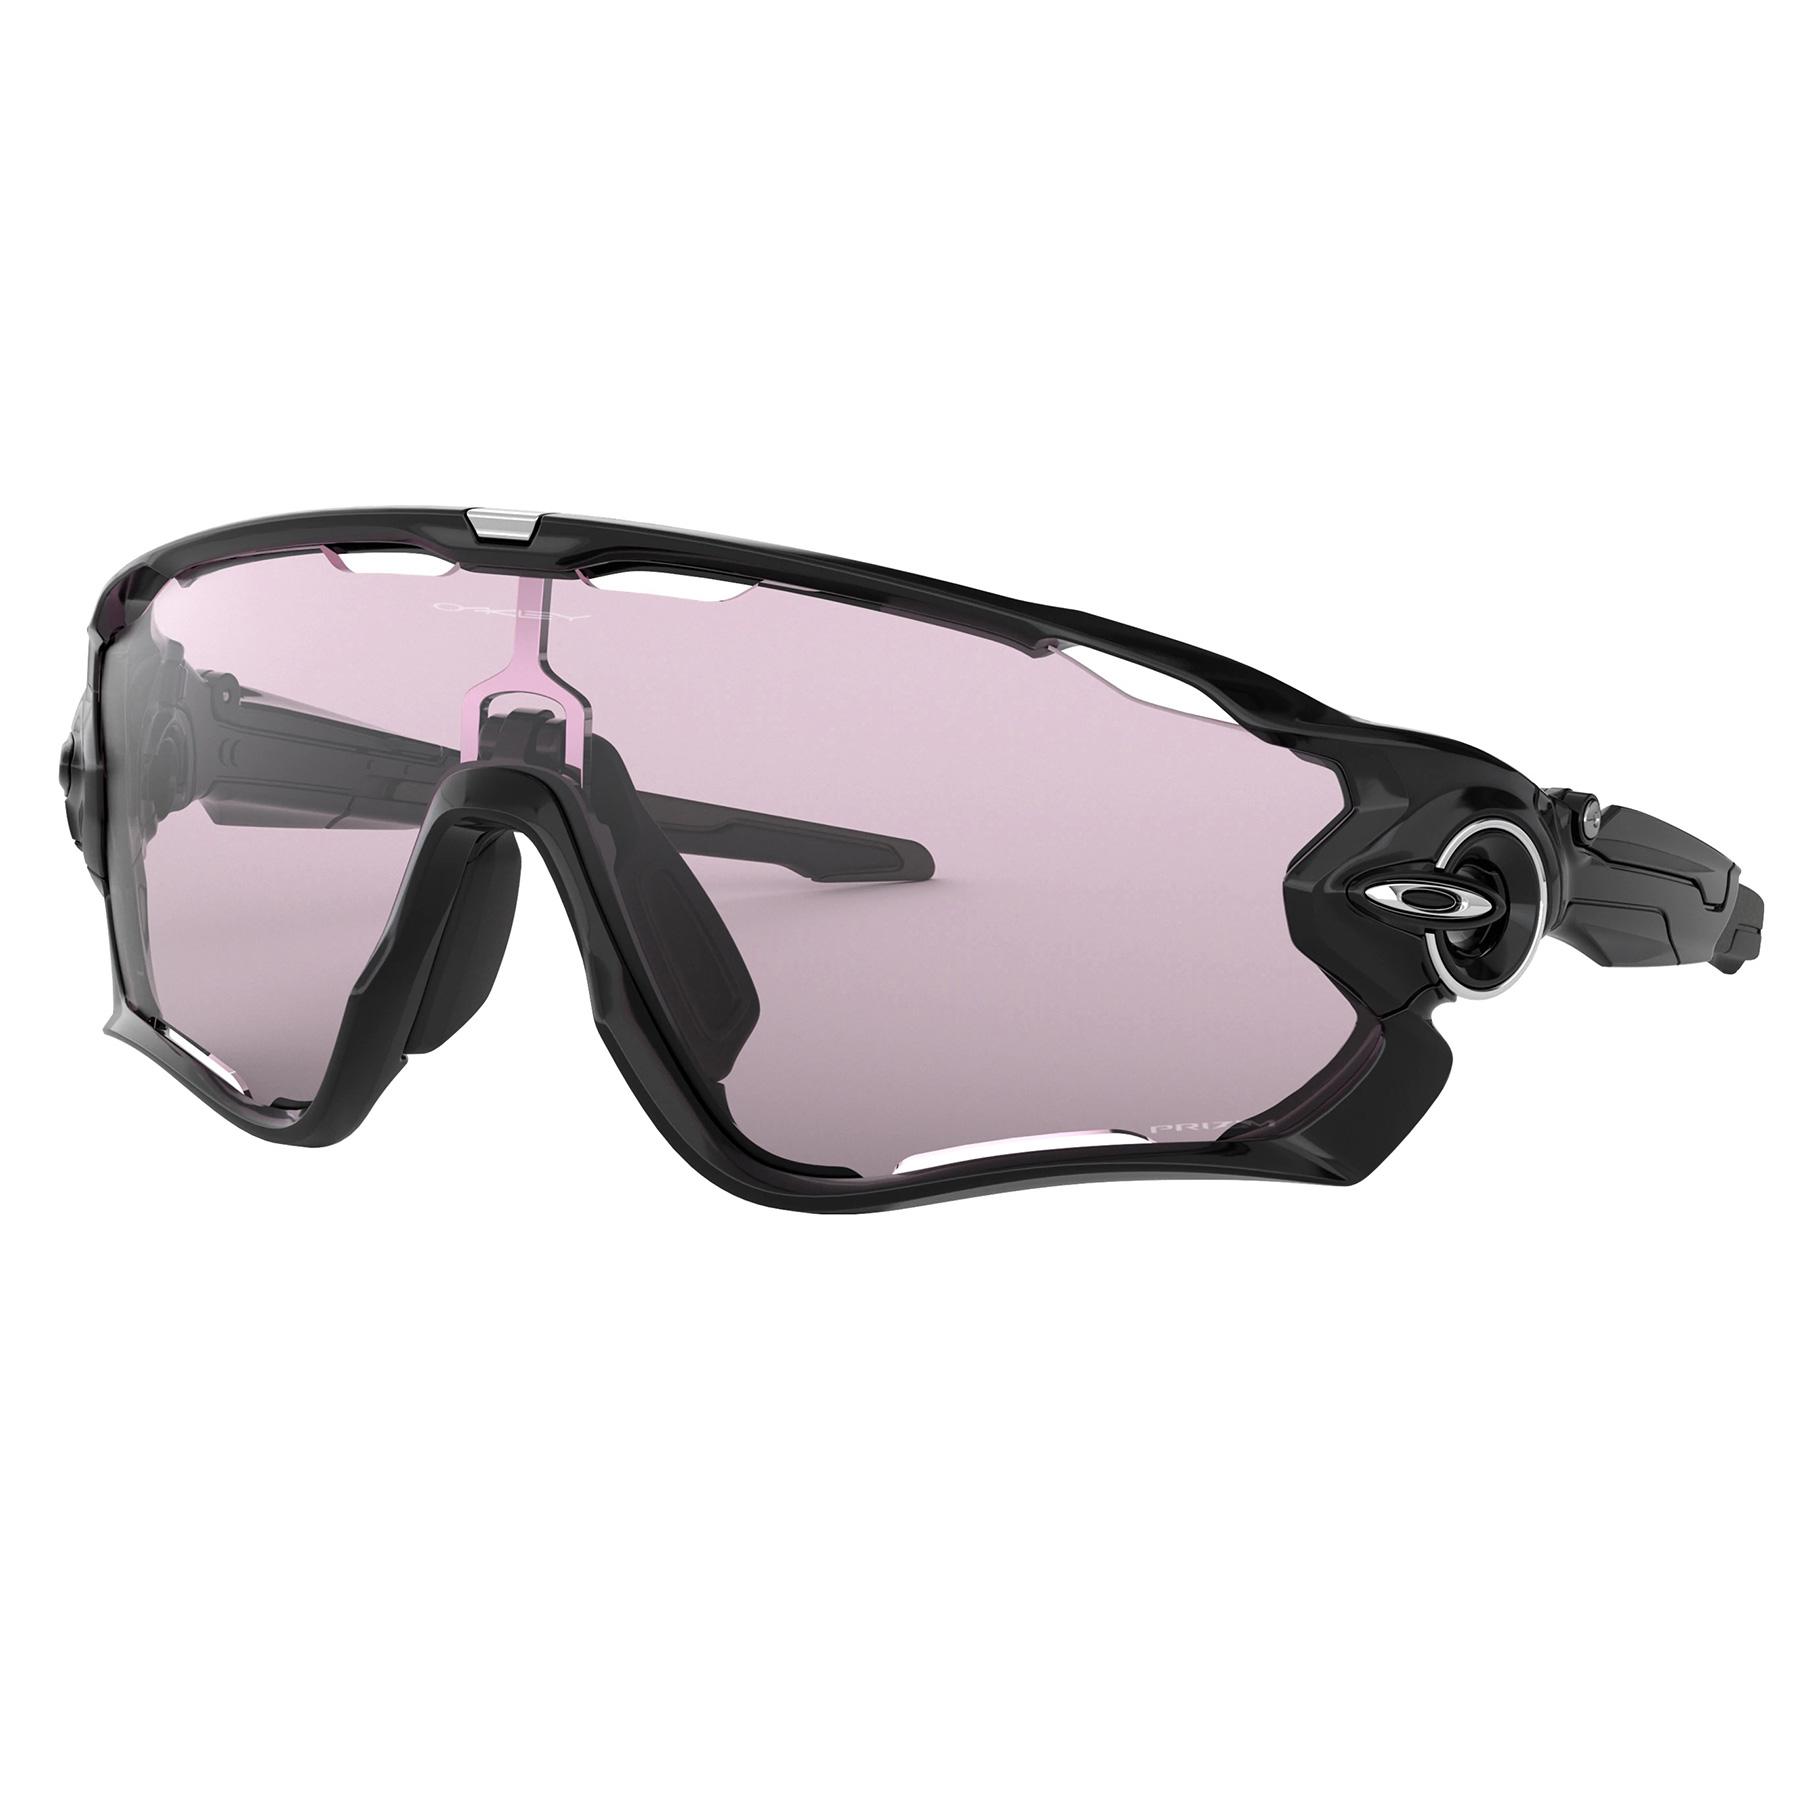 Foto de Oakley Jawbreaker Gafas - Polished Black/Prizm Low Light